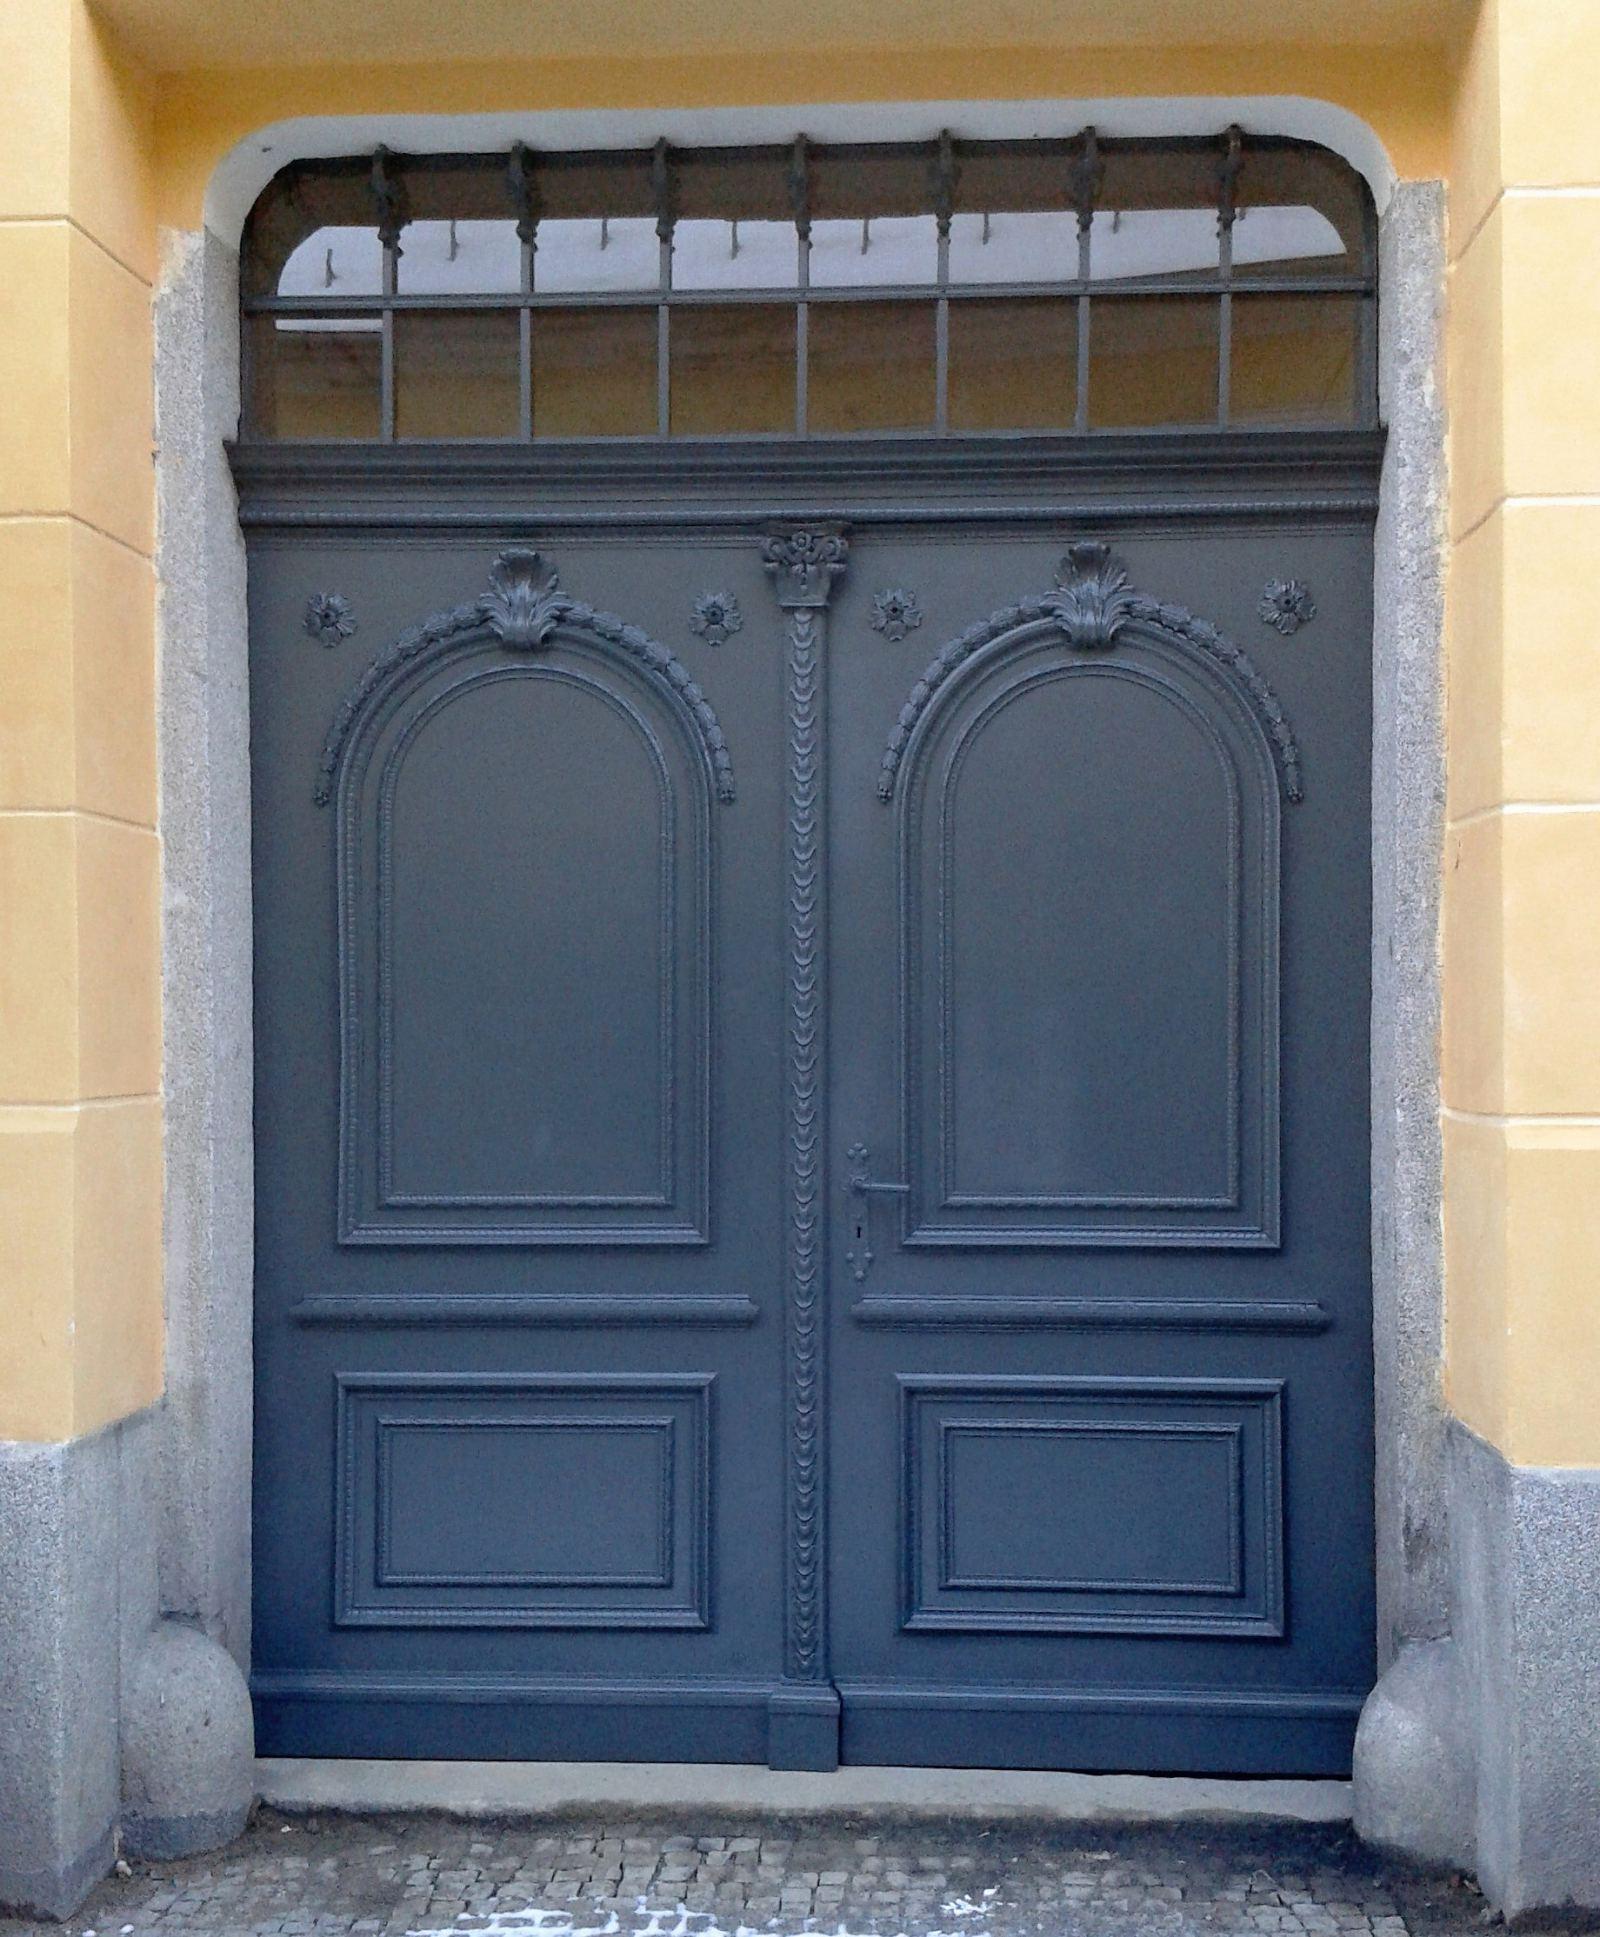 Repase vstupních dveří a vrat průjezdu Domu kultury ve Šluknově